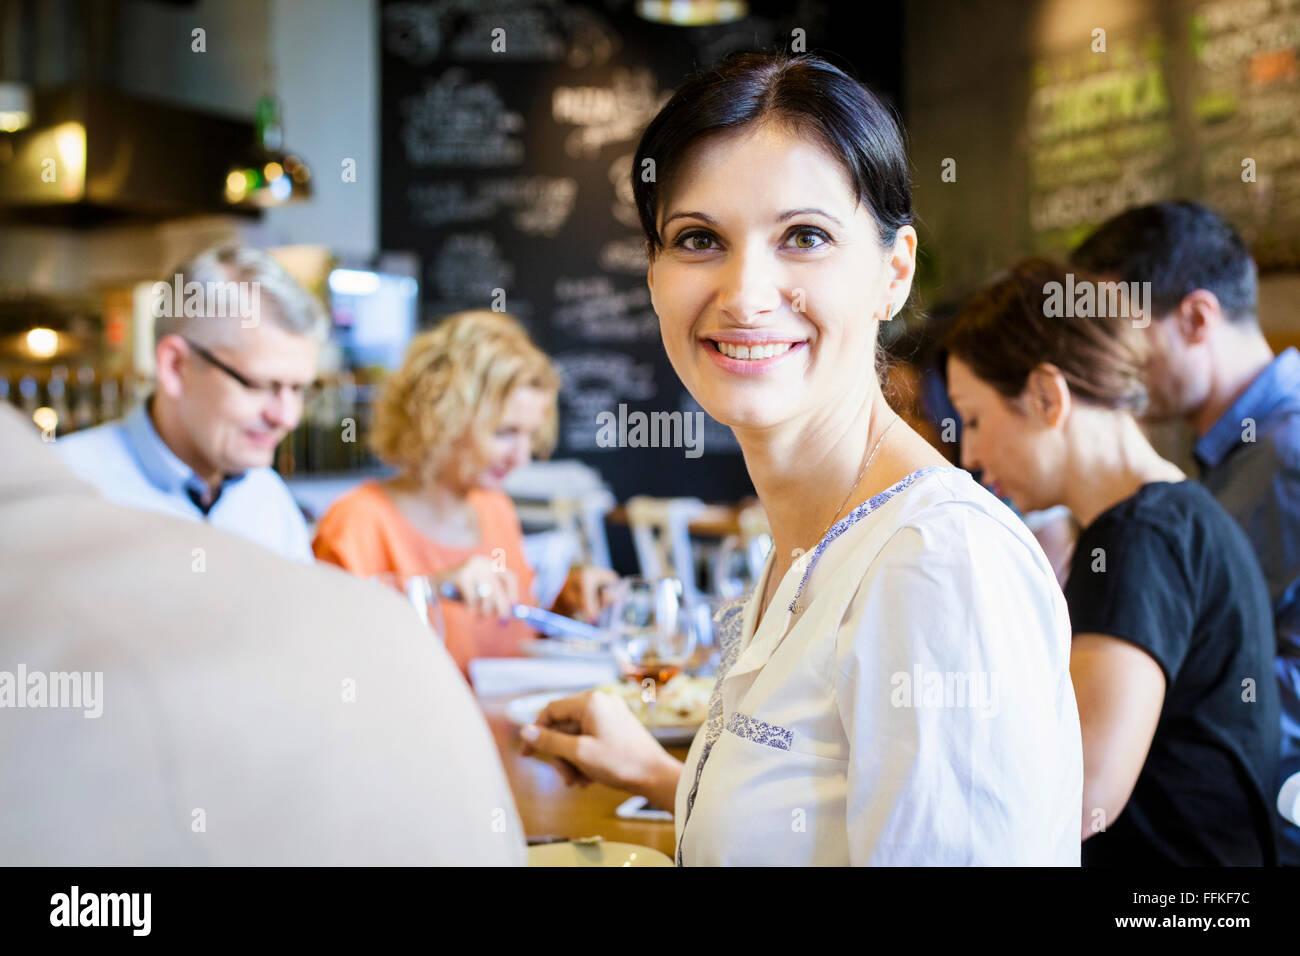 Gruppo di amici a celebrare in ristorante Immagini Stock